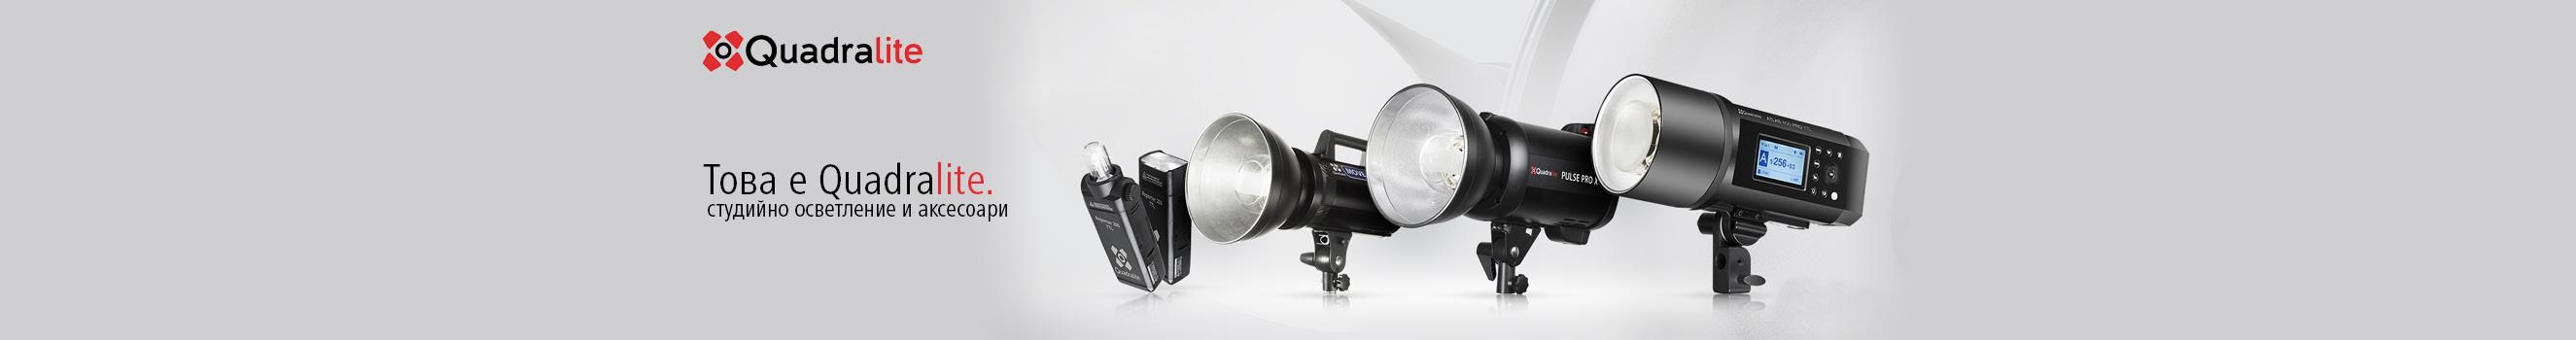 Това е Quadrlite. Студийно осветление и аксесоари.